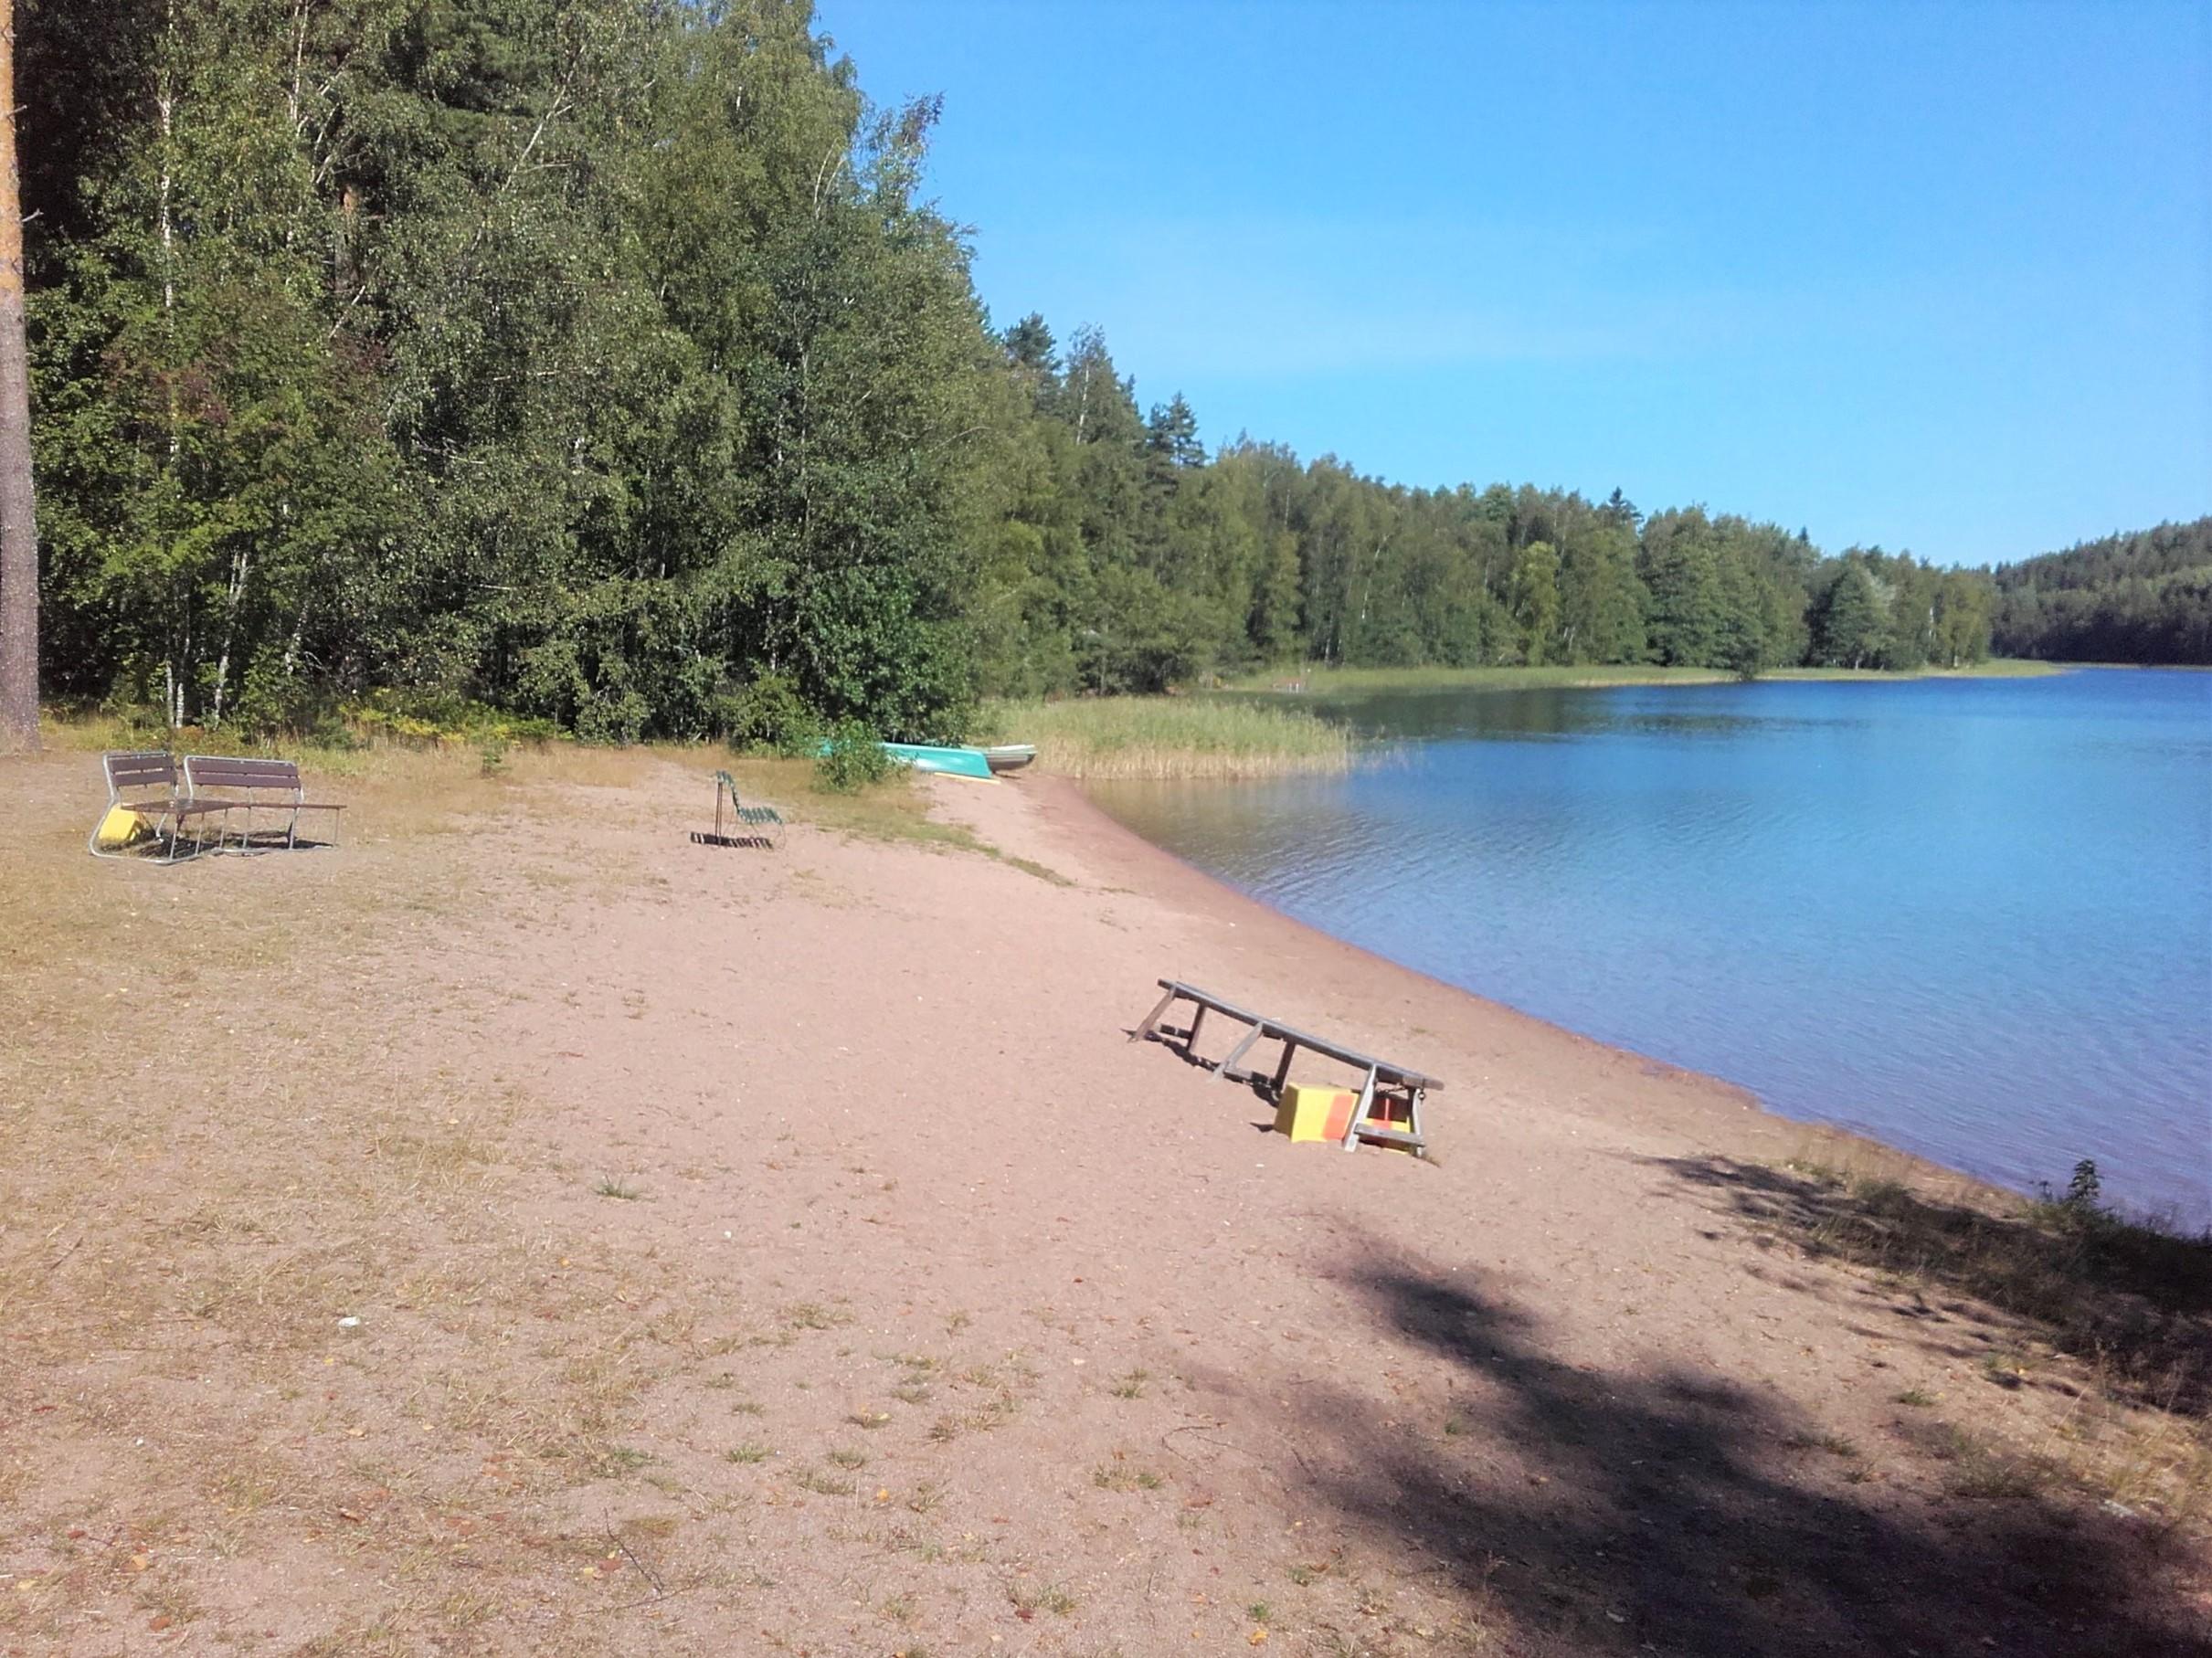 Aurinkoinen hiekkaranta. Rannalla penkkejä istumista varten. Rannan ja lammen ympärillä kasvaa metsää.